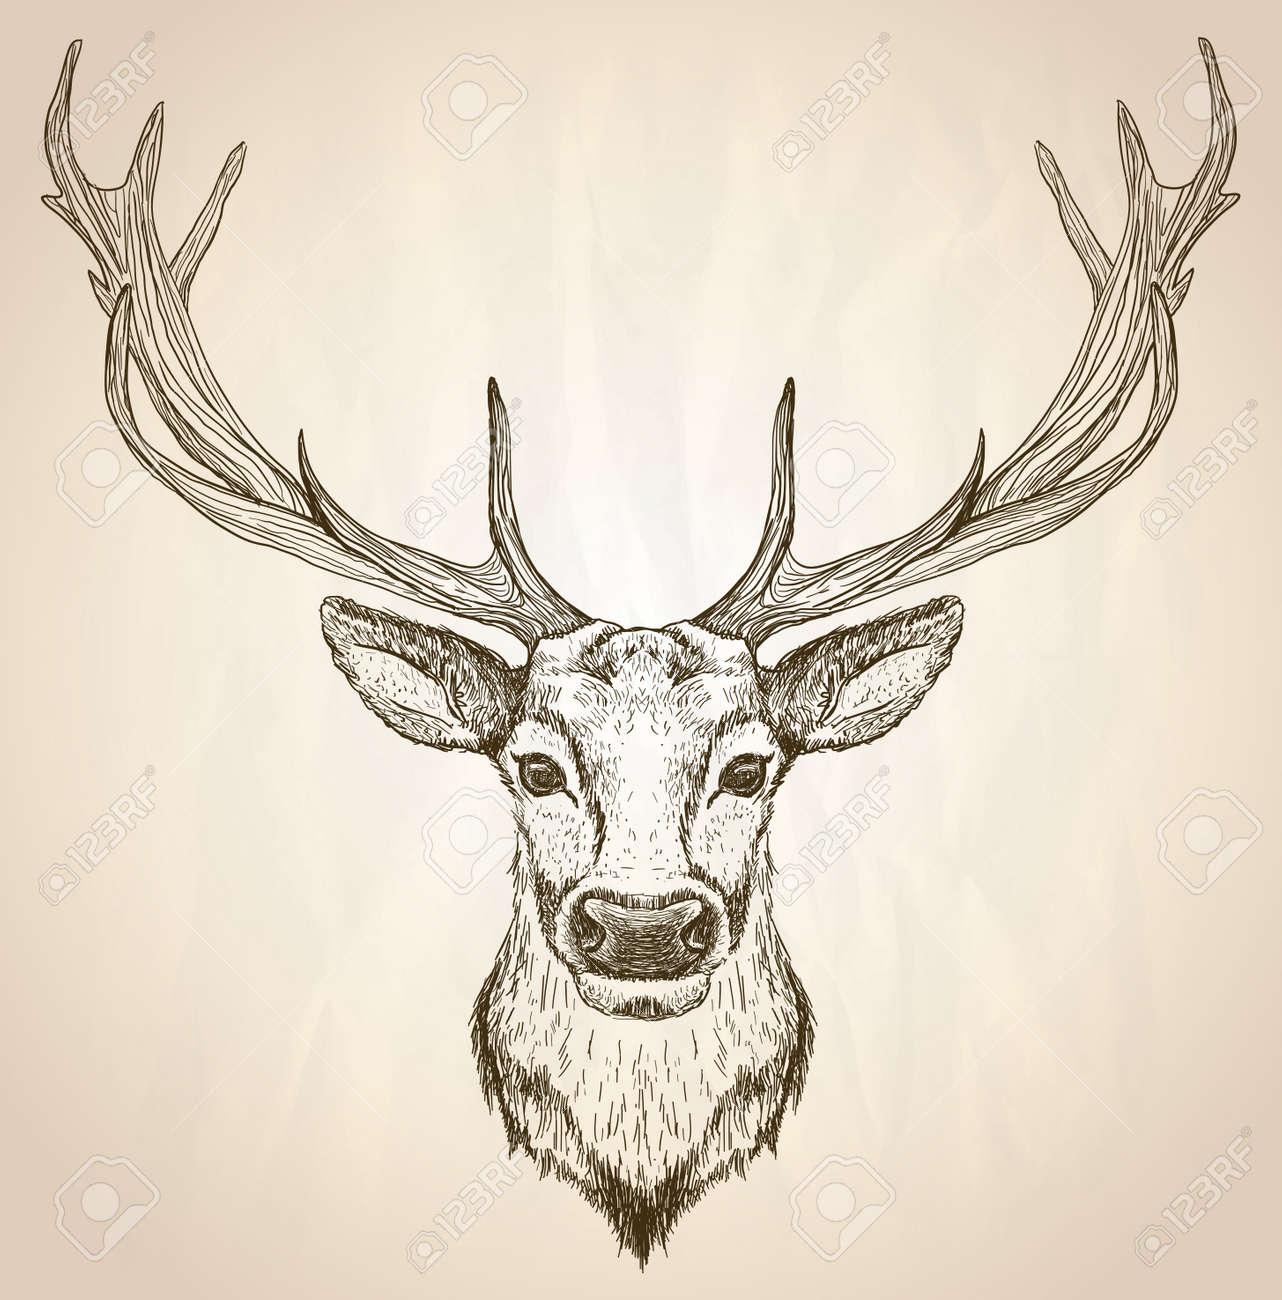 Hand Drawn Graphique Illustration Esquisse D Une Tête De Cerf Avec